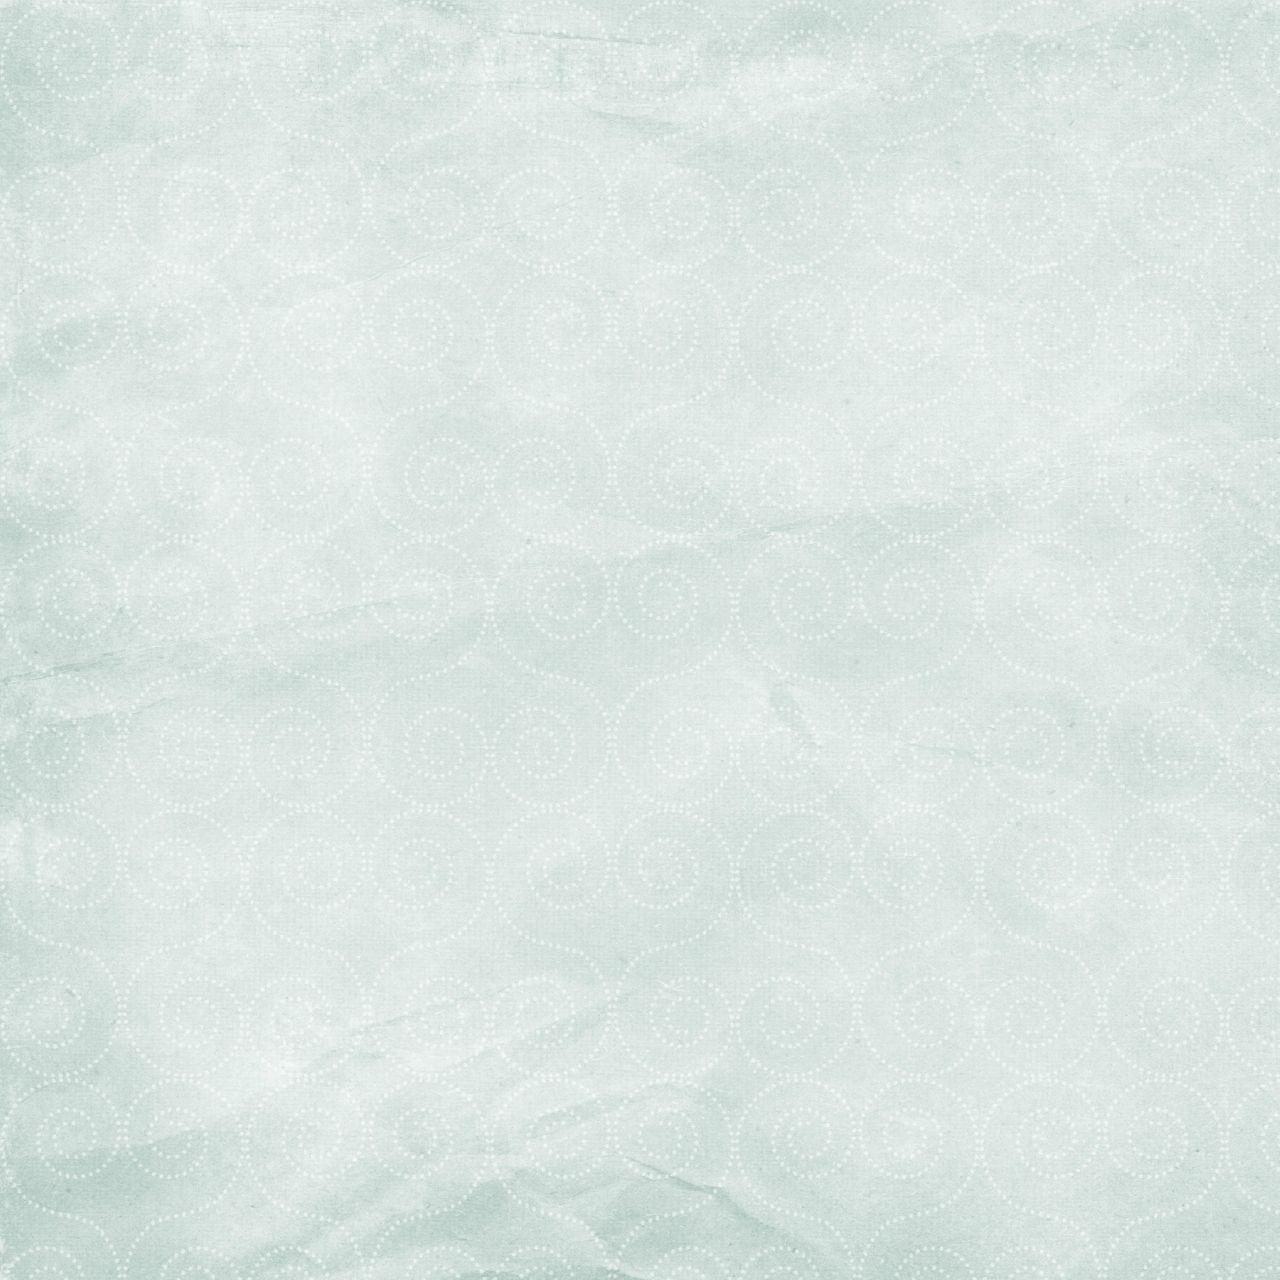 0_115261_f1b07f68_orig (1280×1280)